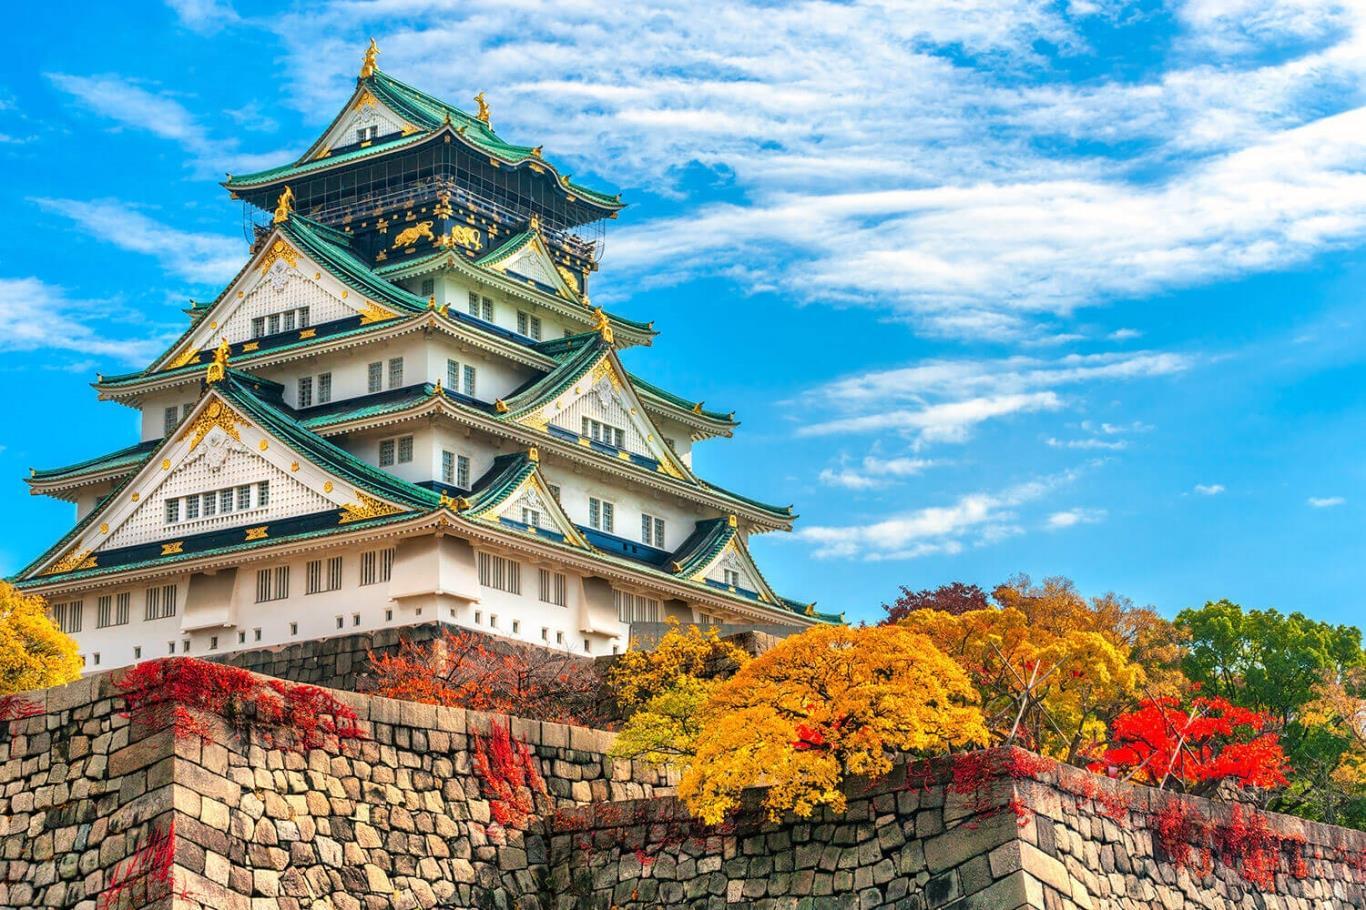 Lâu đài osaka rực rỡ trong sắc vàng của mùa thu